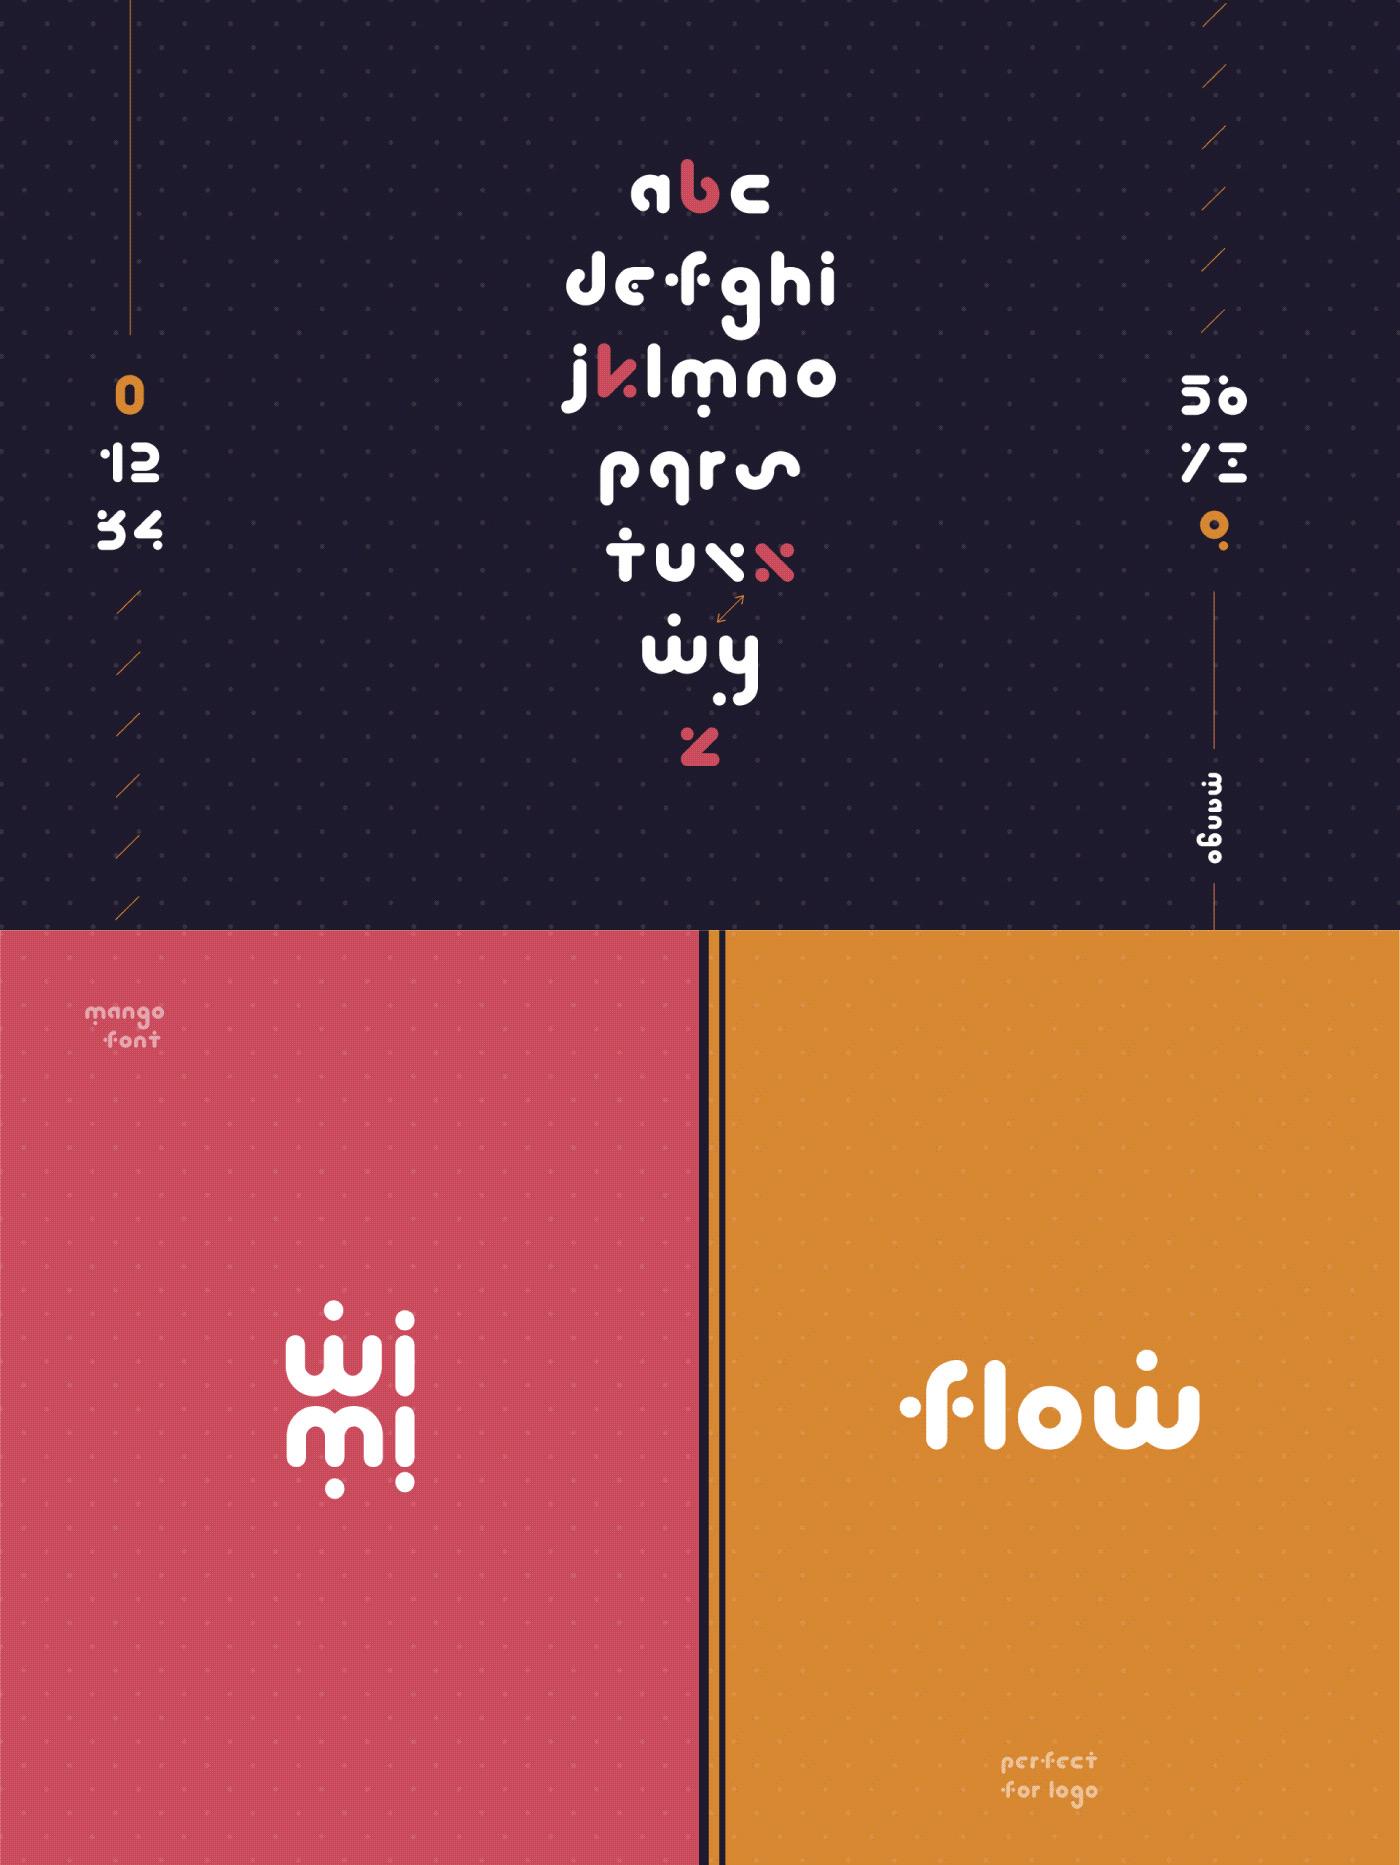 MANGO Free Font - sans-serif